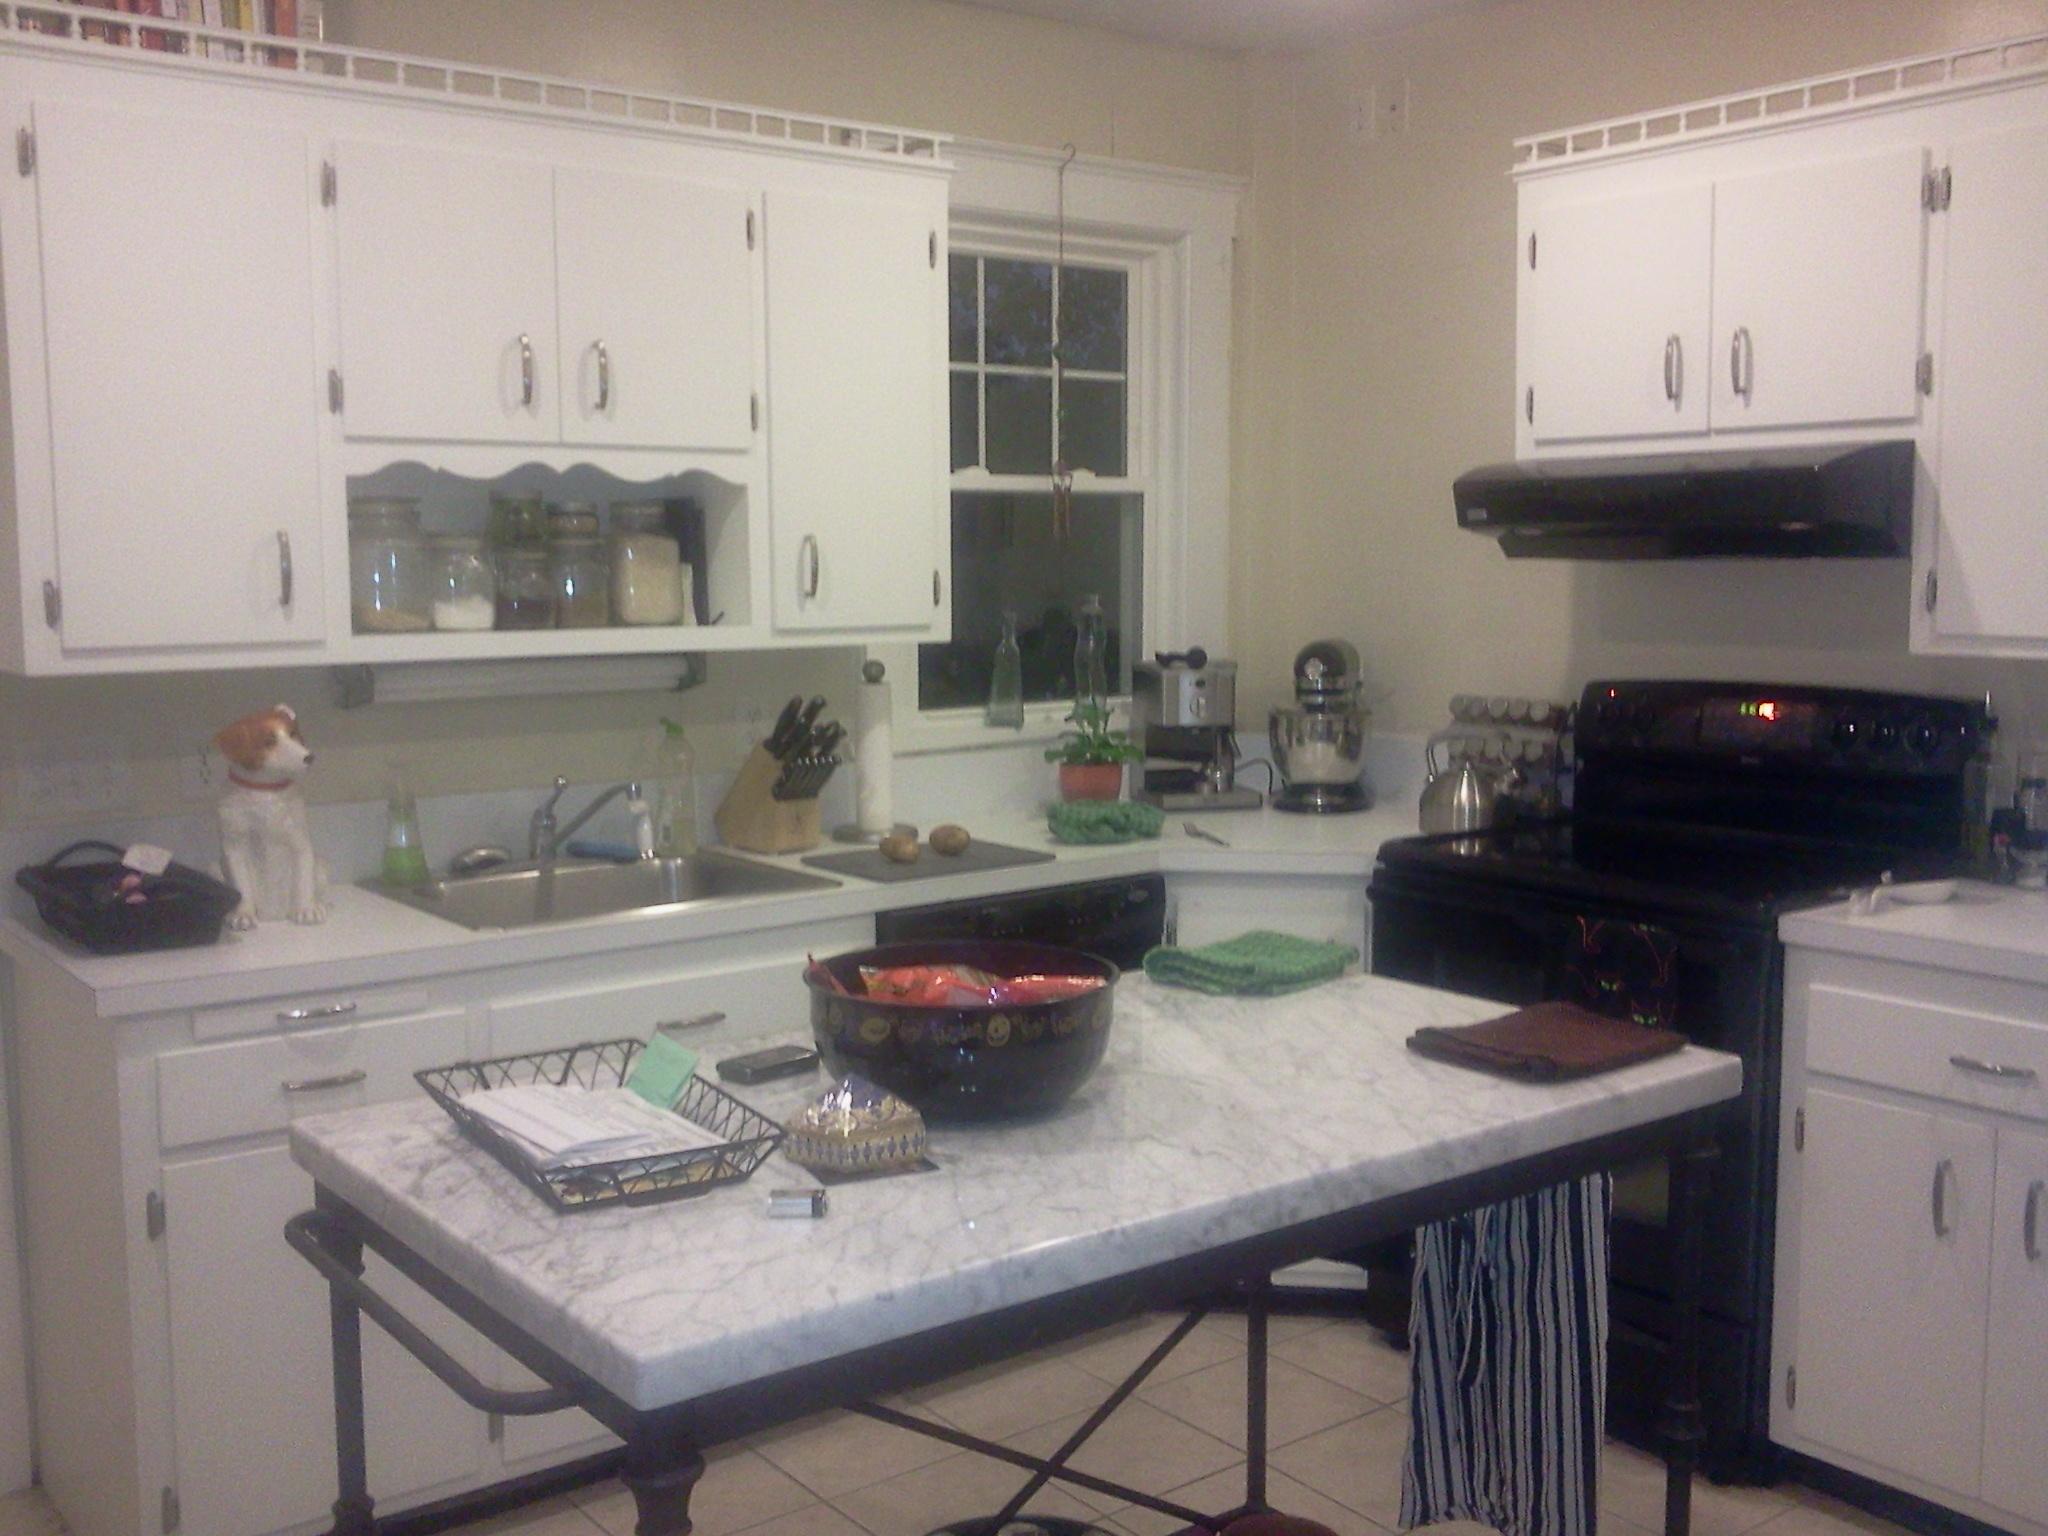 kitchen paint backsplash ideas vinyl flooring paneling countertops painting kitchen tile backsplash kitchen backsplash